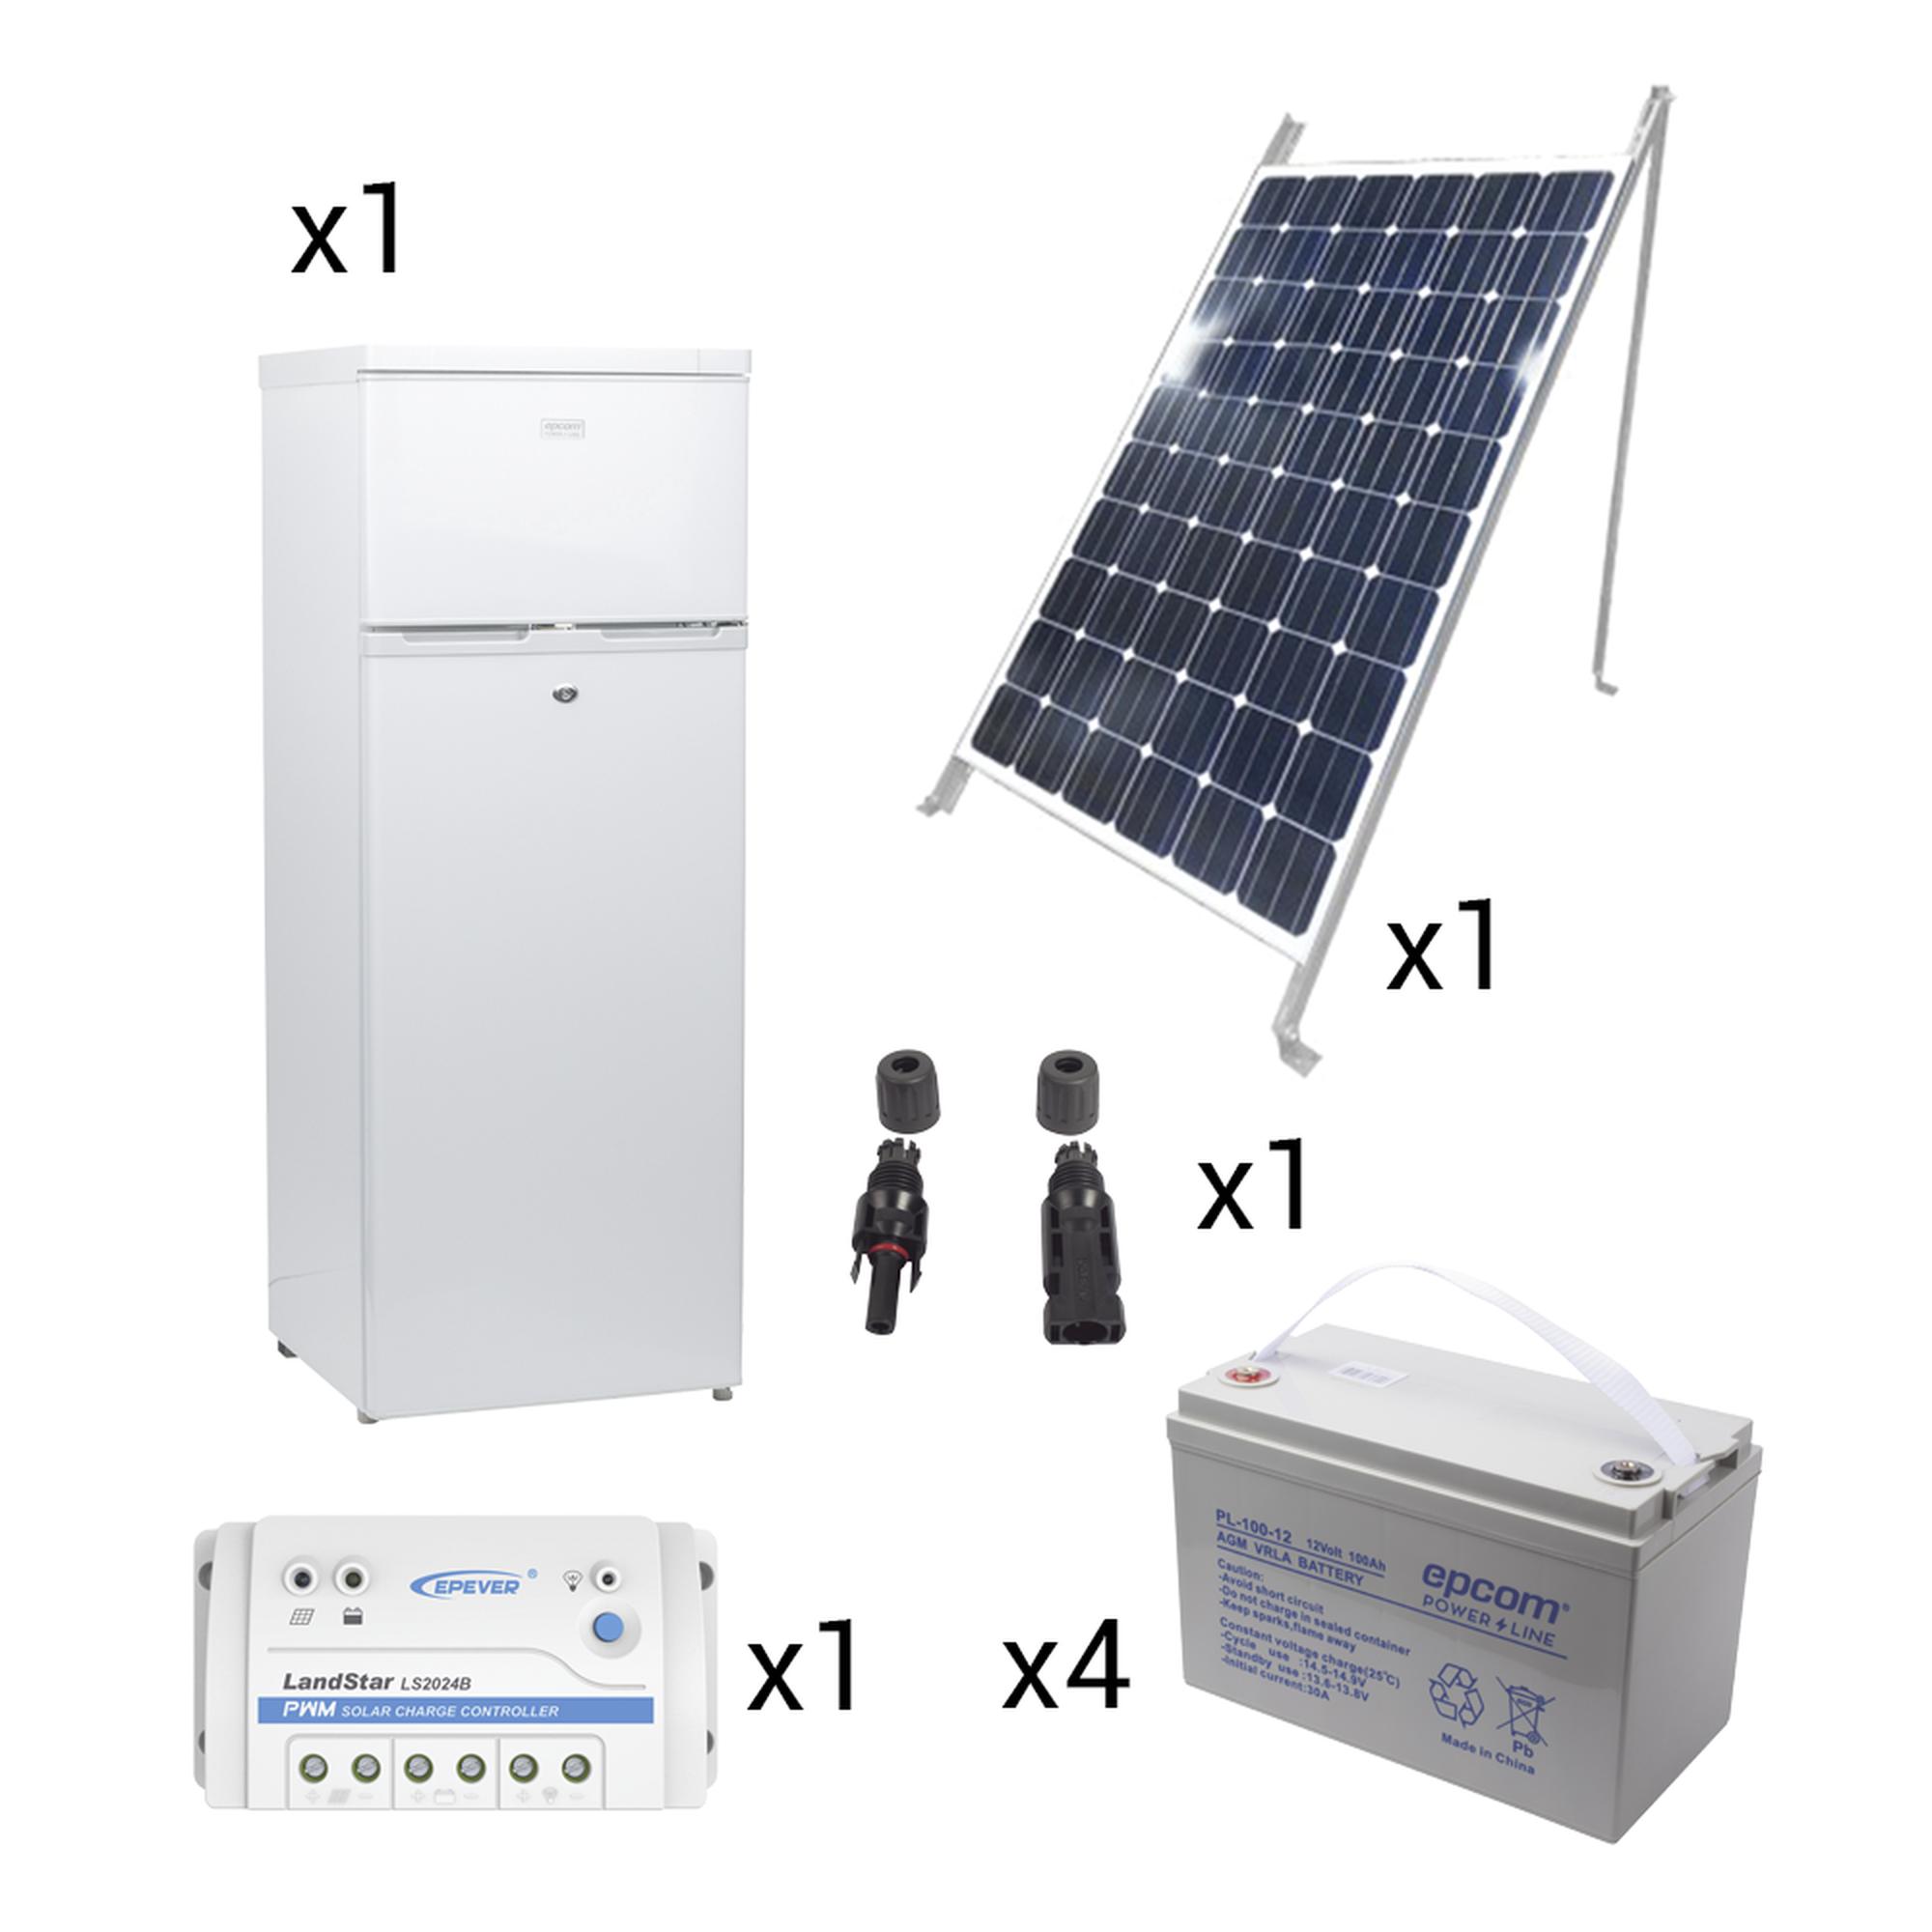 Kit de energía solar para refrigerador de 220 L de aplicaciones aisladas de la red eléctrica